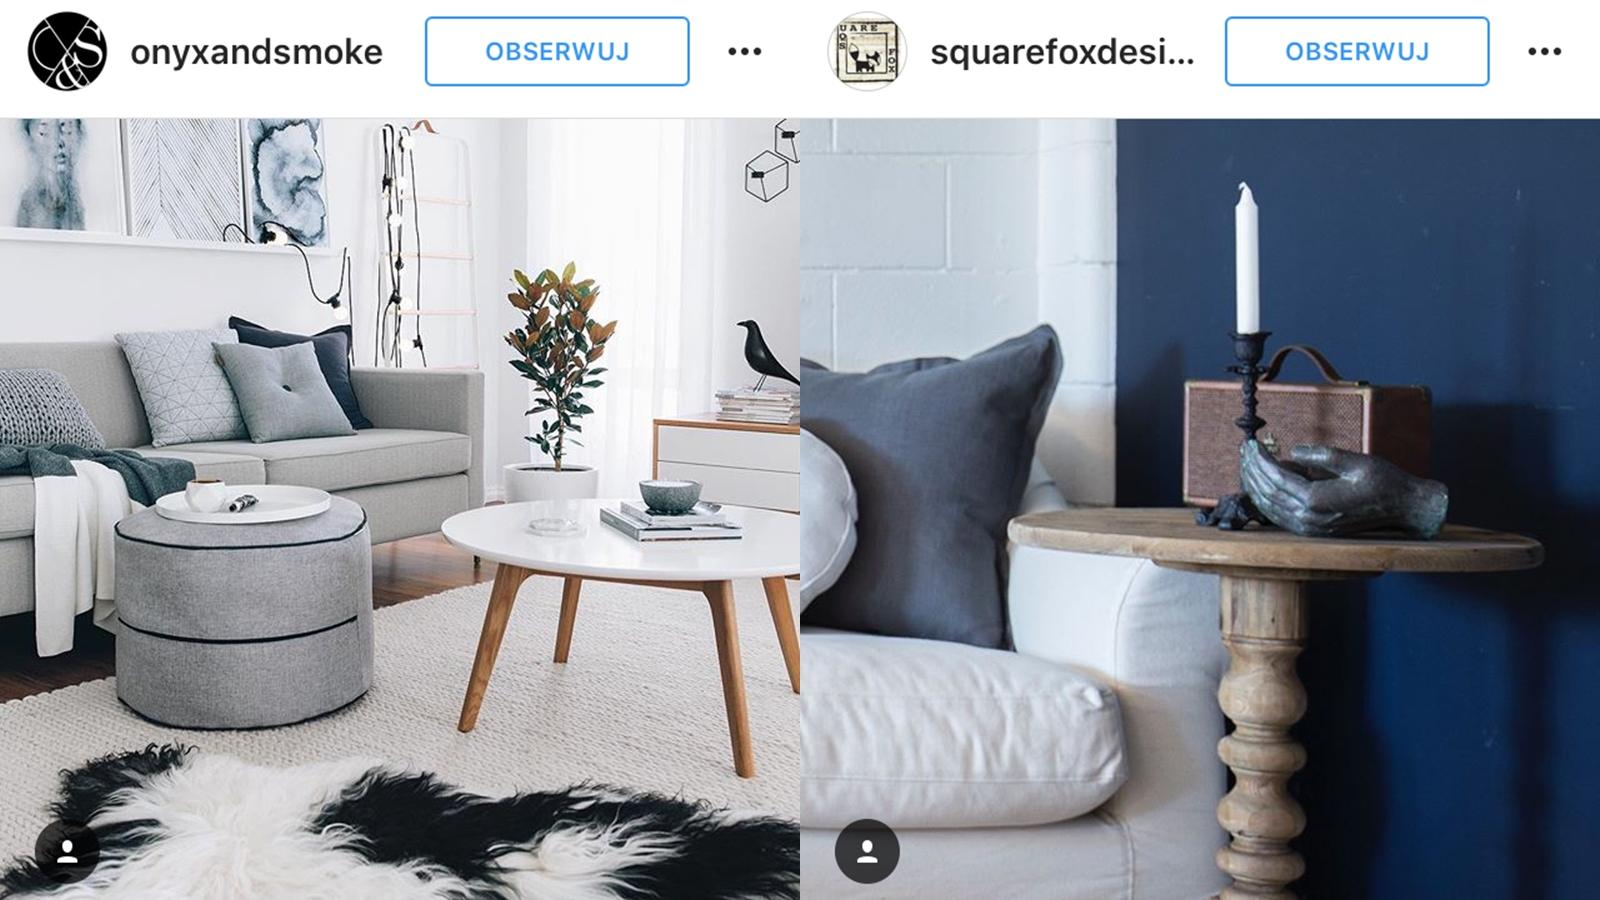 Poduszki dekoracyjne poszewki na poduszki kt re odmieni for 15 115 salon kosmetyczny opinie